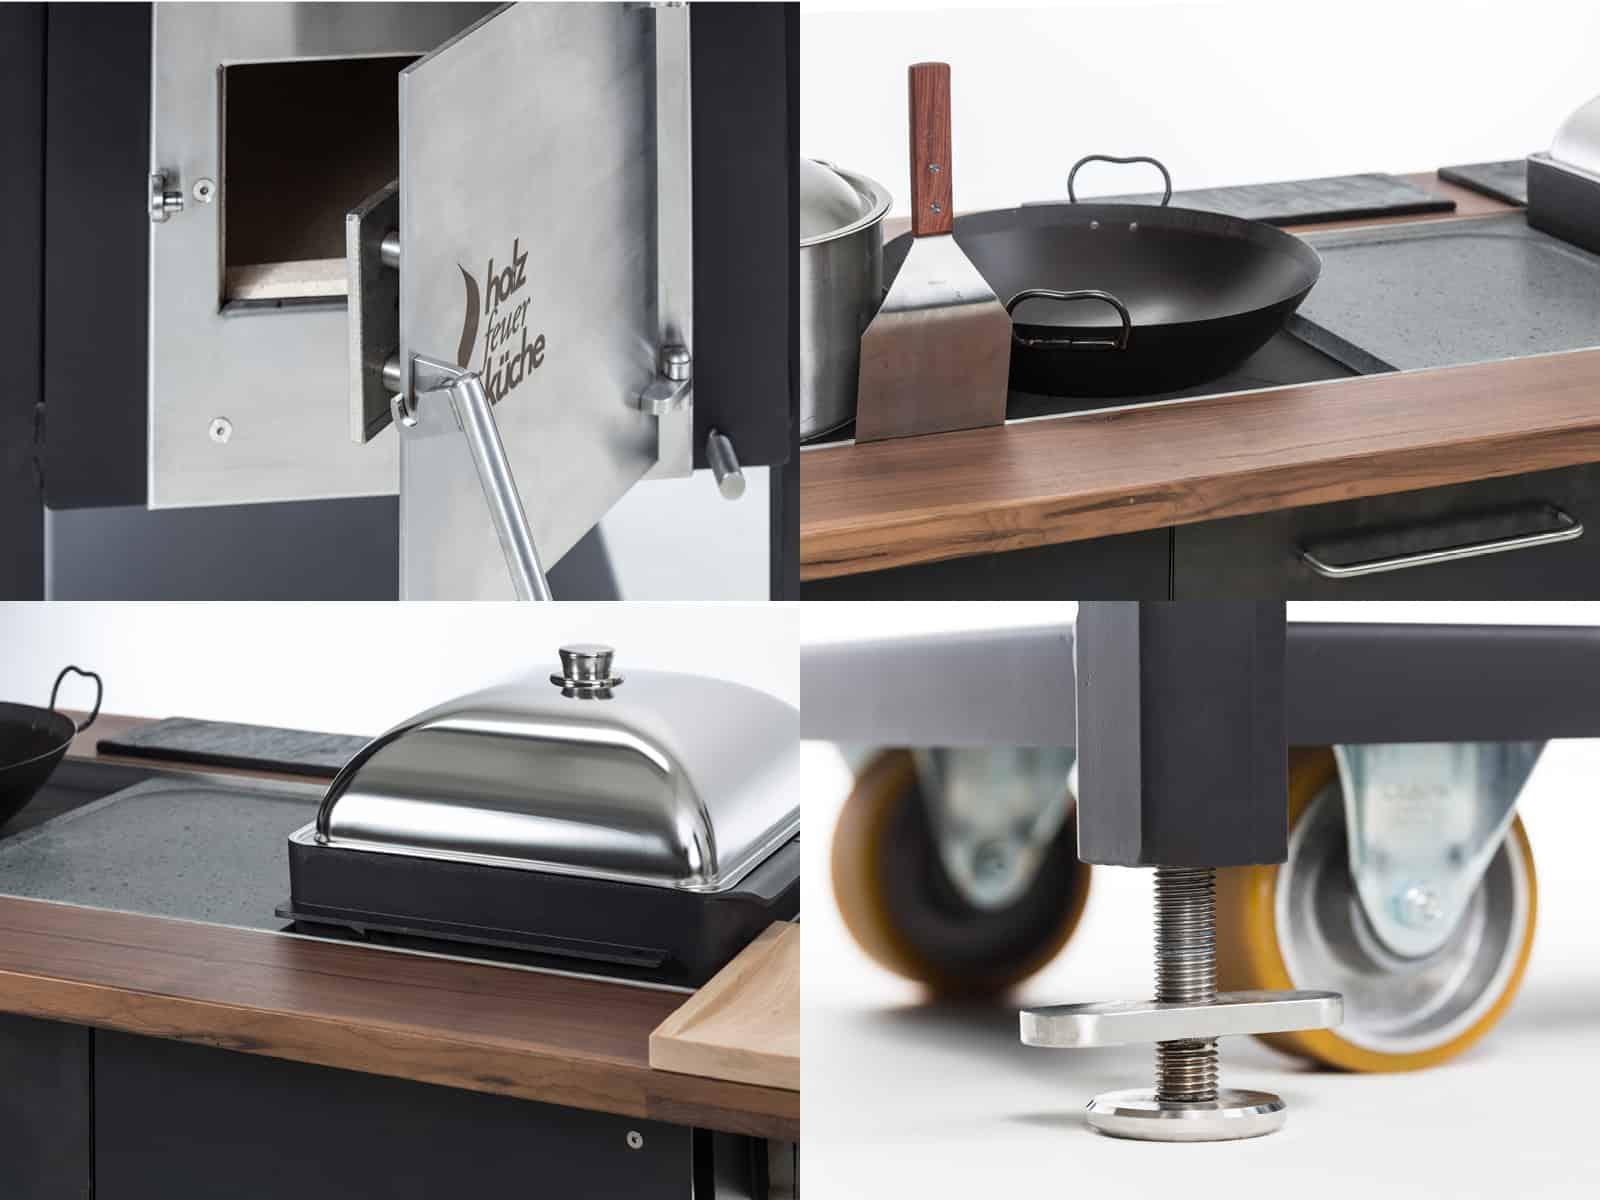 Full Size of Klassische Holzfeuerkche Aus Edelstahl Mobile Küche Wohnzimmer Mobile Outdoorküche